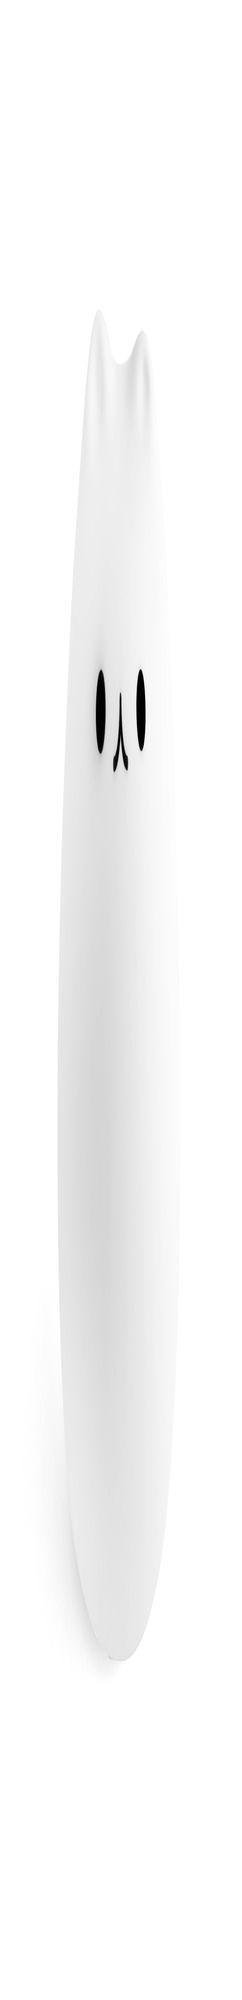 Силиконовый ночник Rombica LED Tommy фото